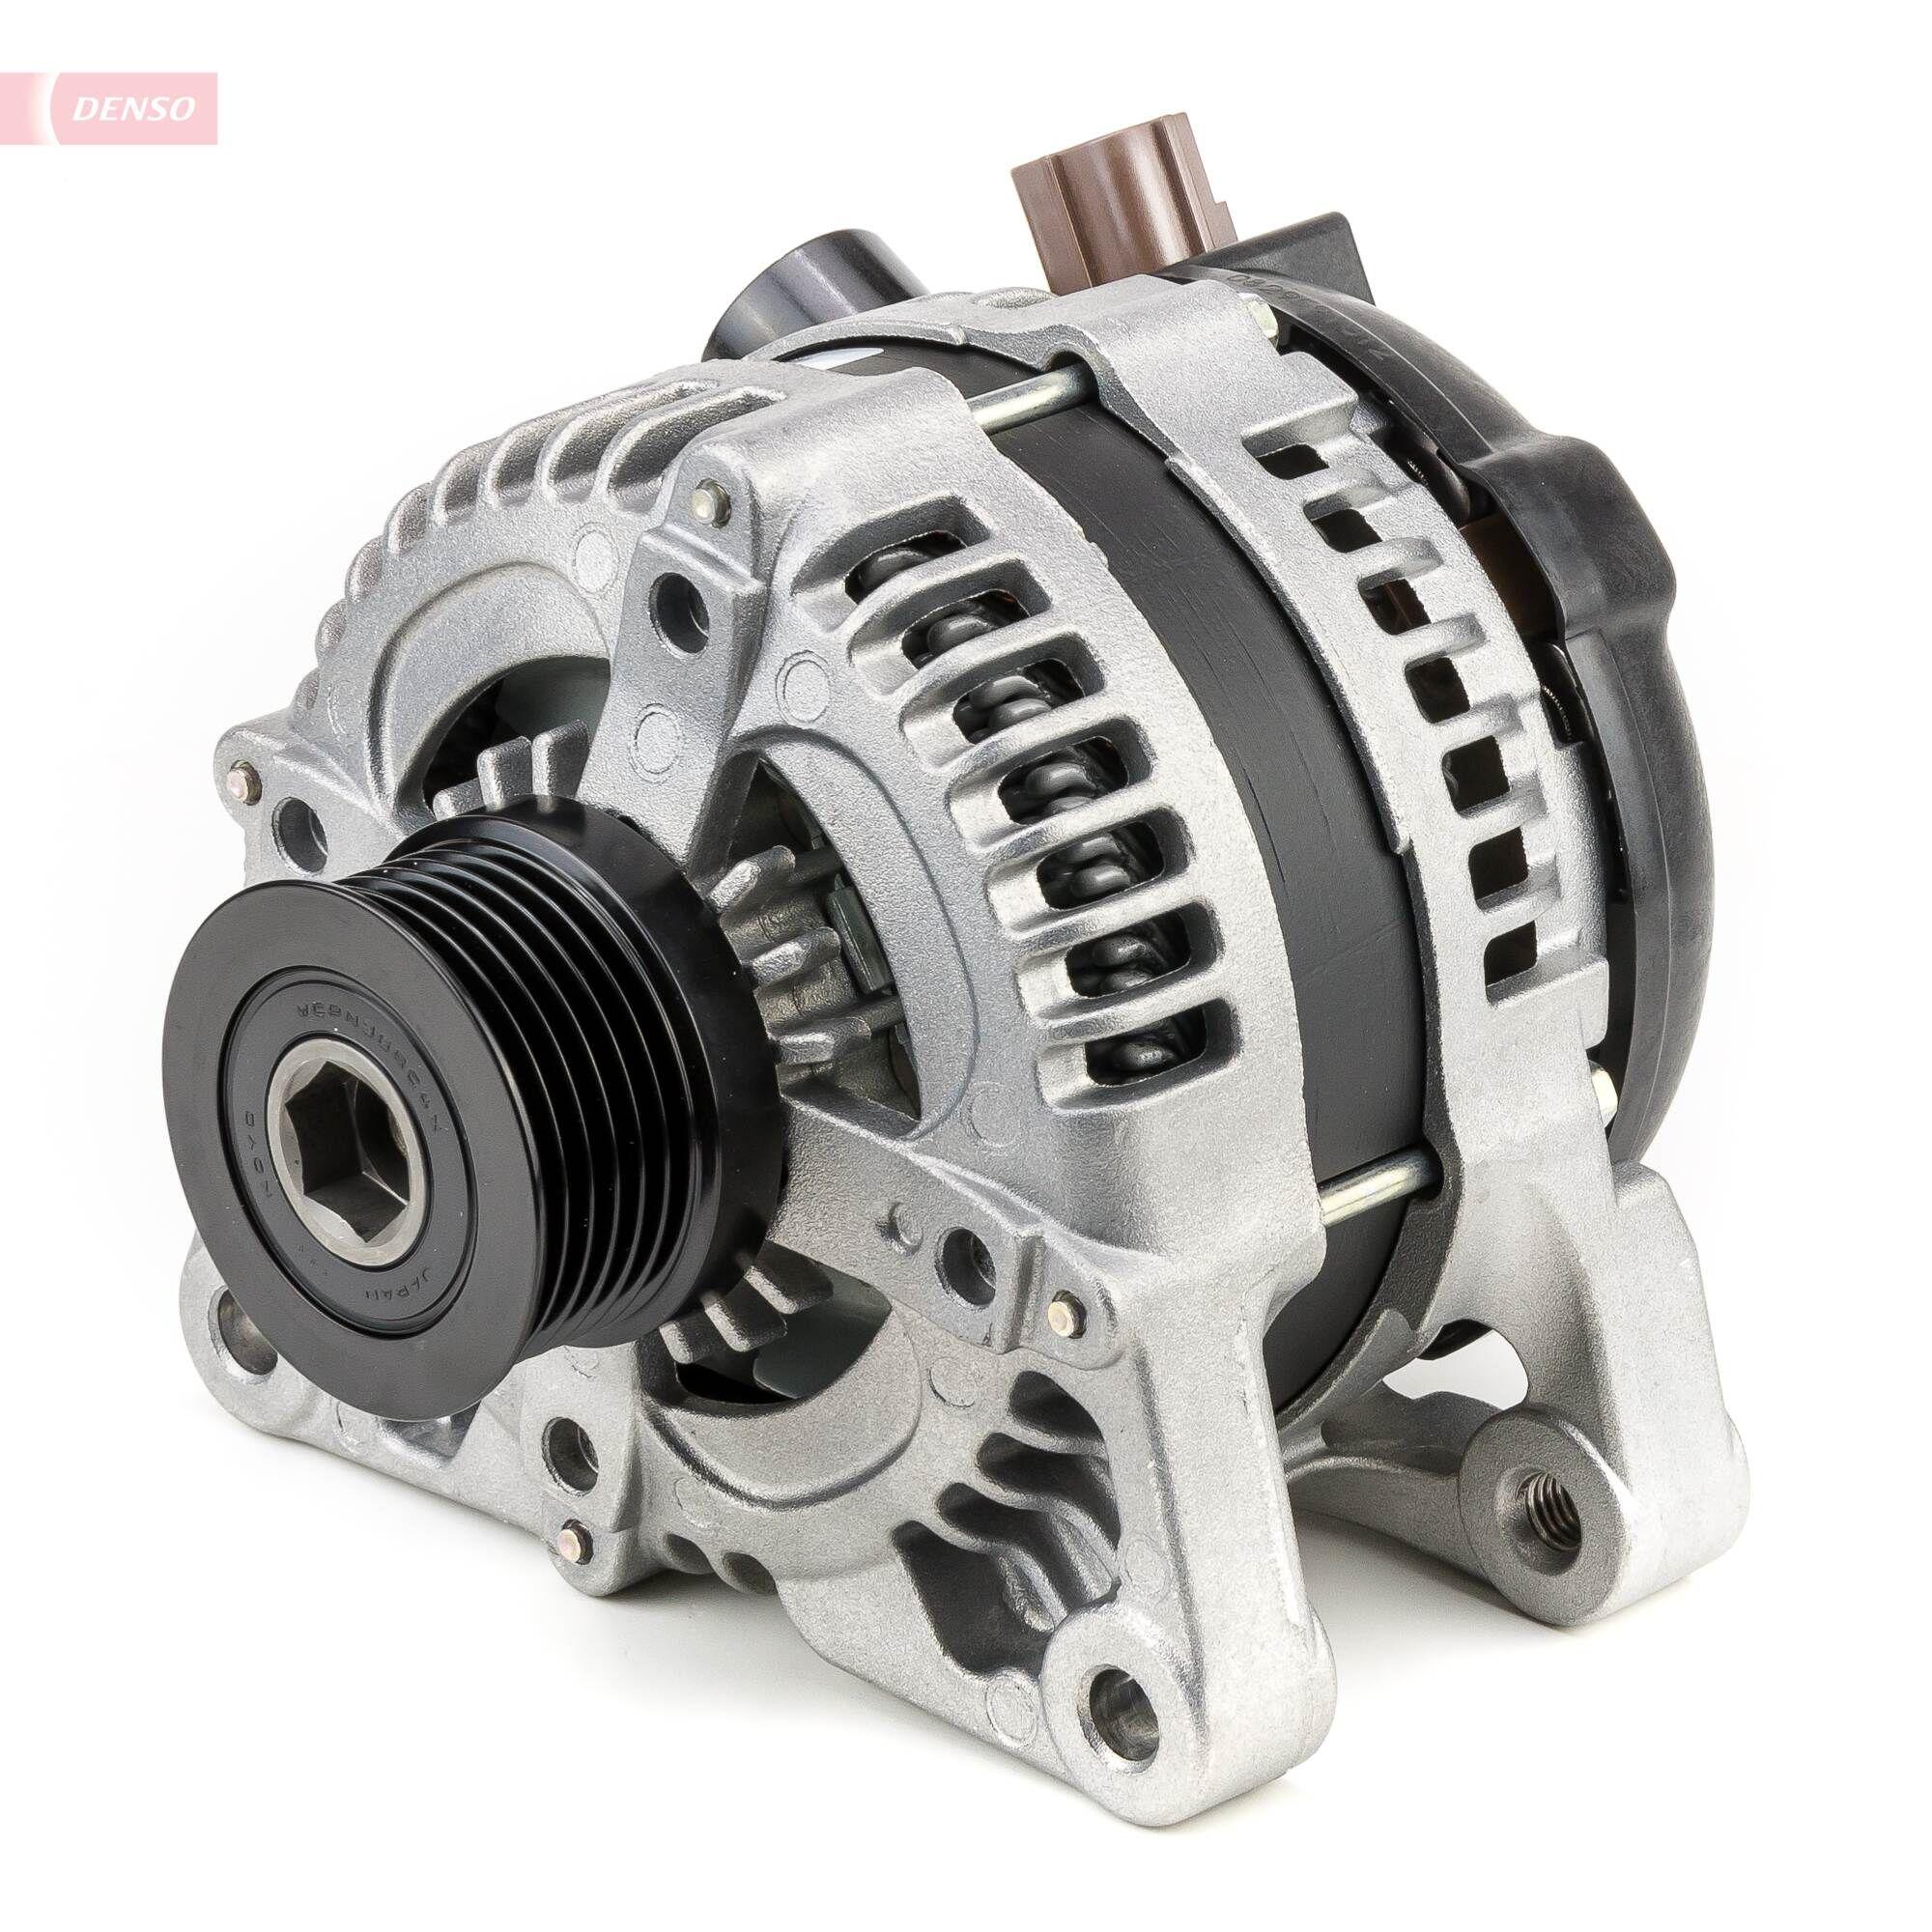 Generator / Alternator DAN930 cumpără - 24/7!